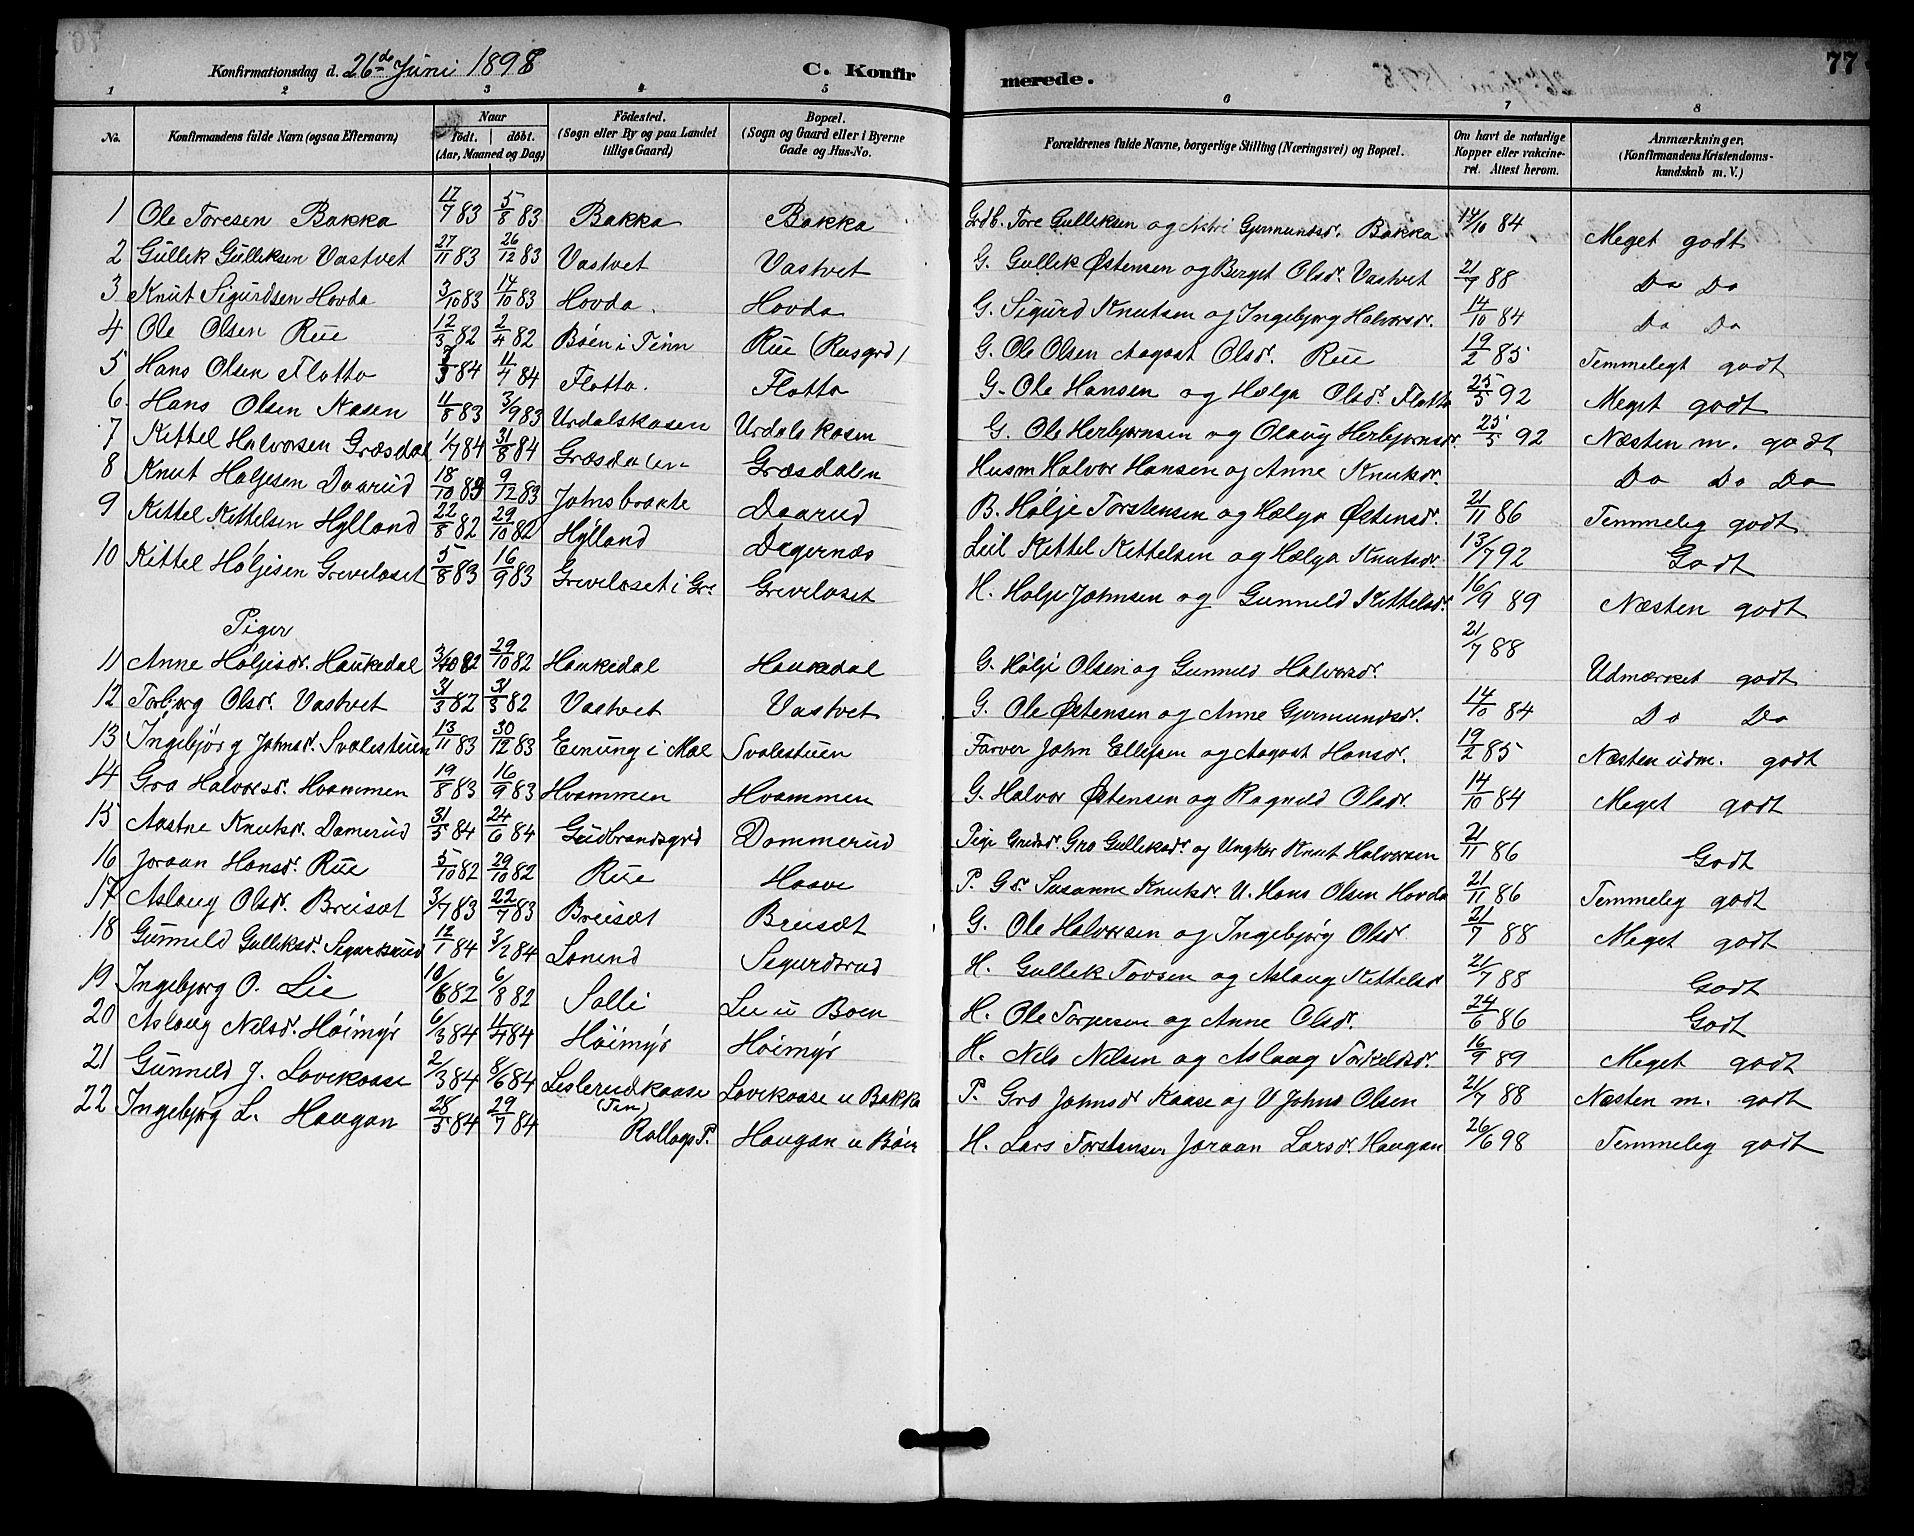 SAKO, Gransherad kirkebøker, G/Gb/L0003: Klokkerbok nr. II 3, 1887-1921, s. 77